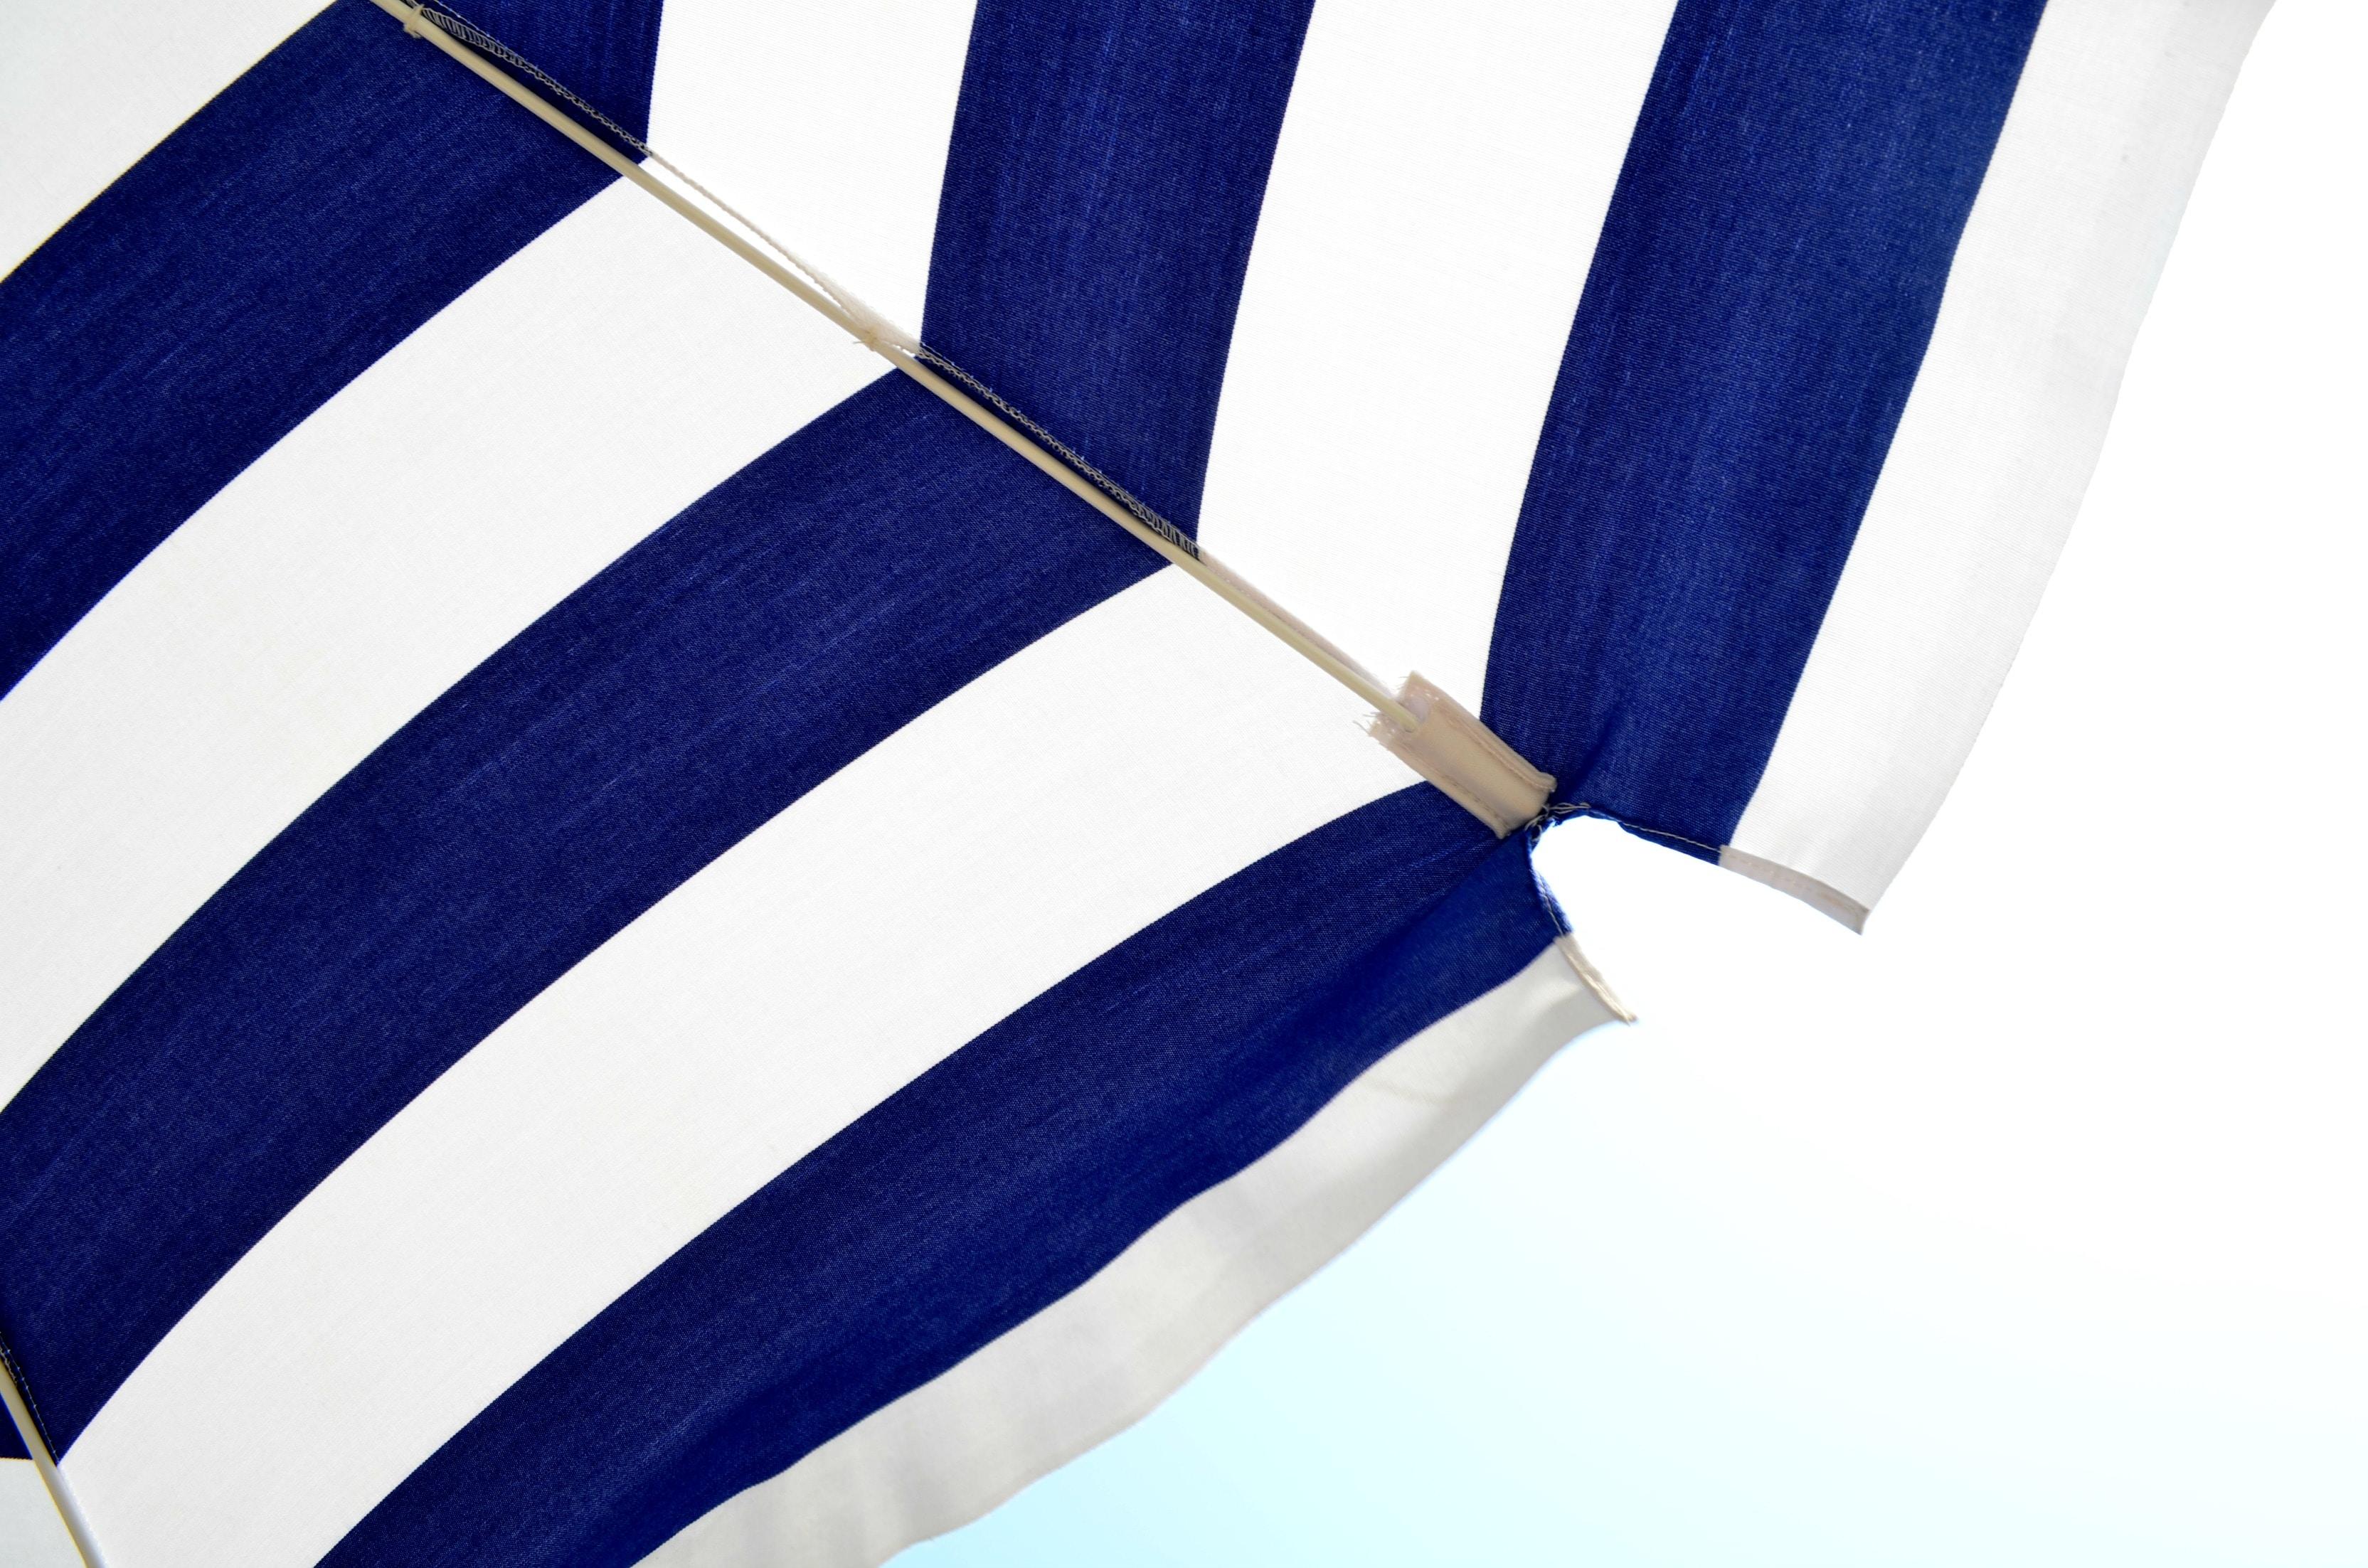 blue and white striped umbrella